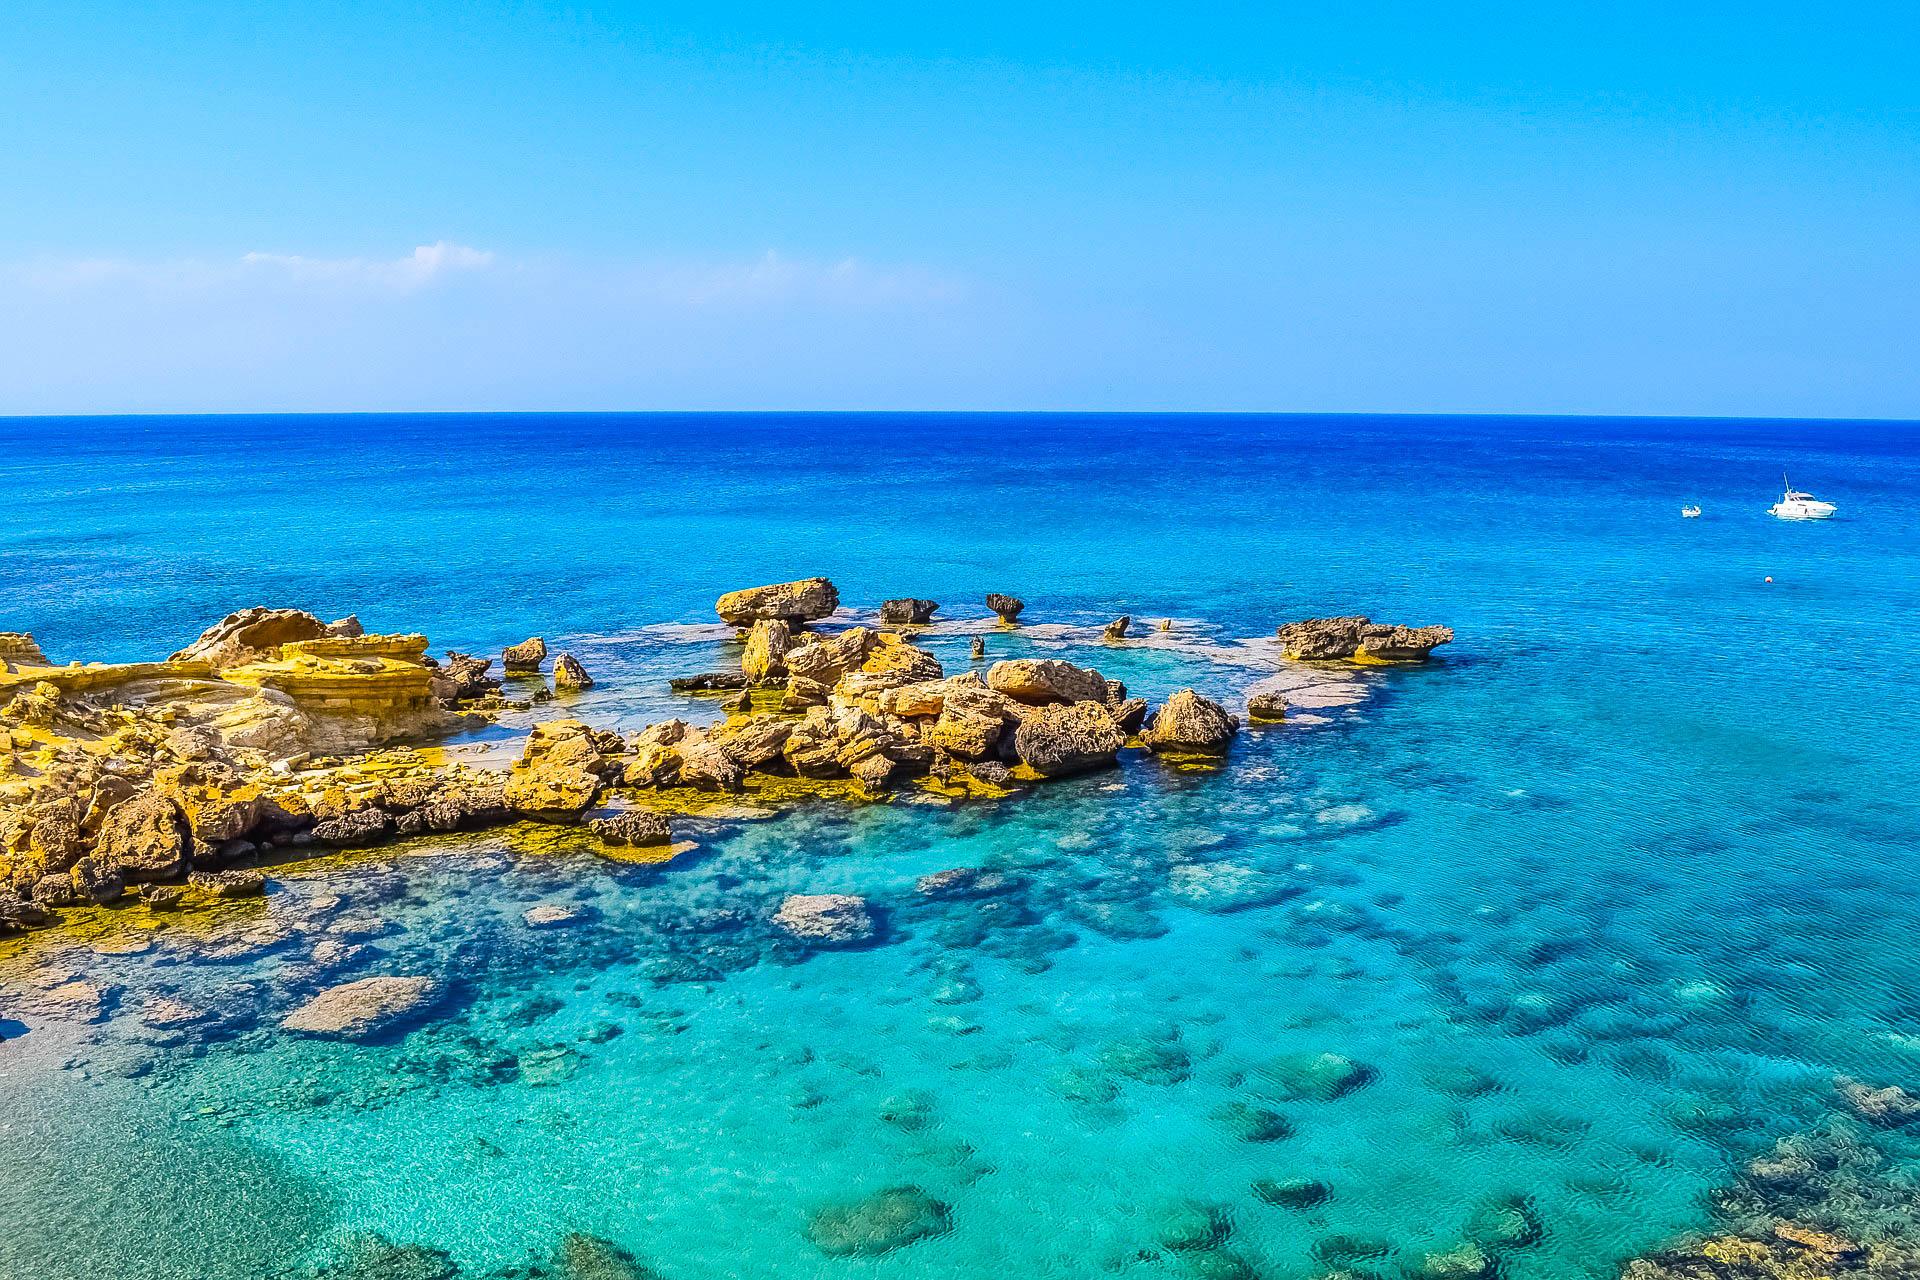 cyprus coastline